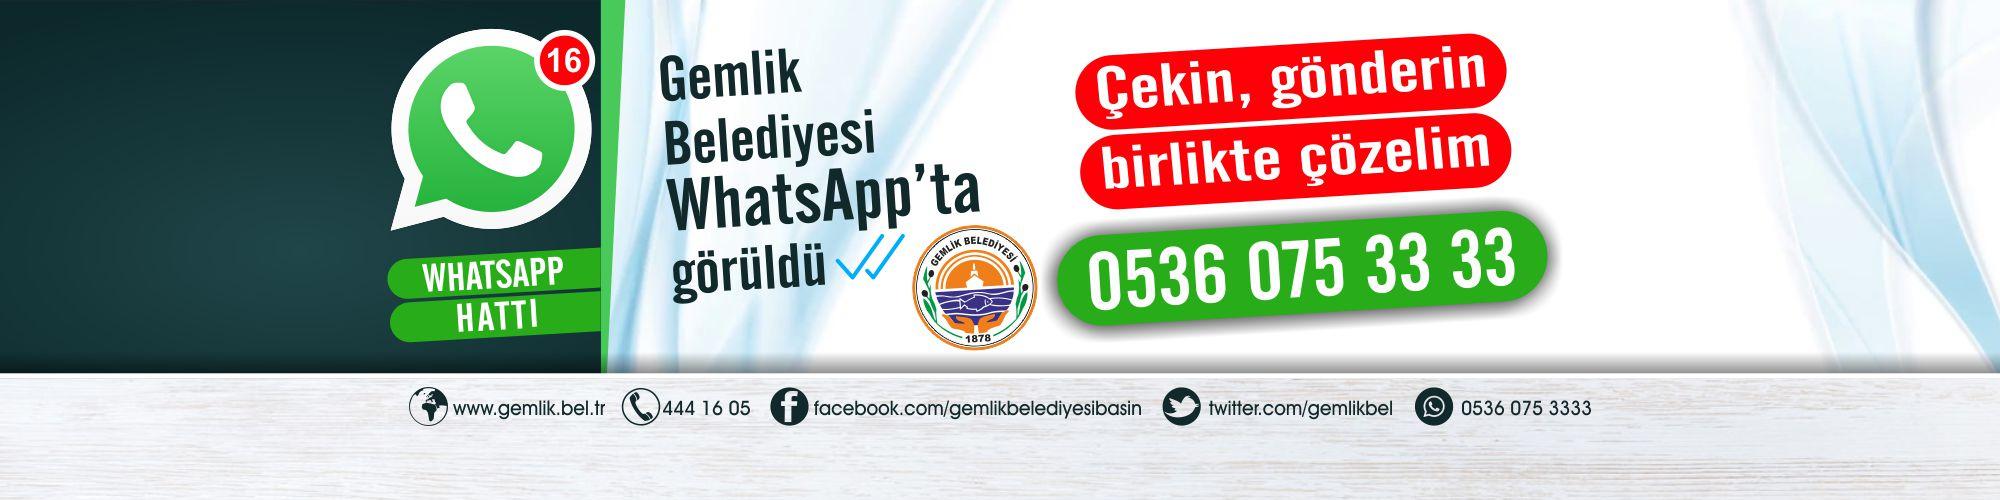 Gemlik Belediyesi Whatsapp'ta görüldü